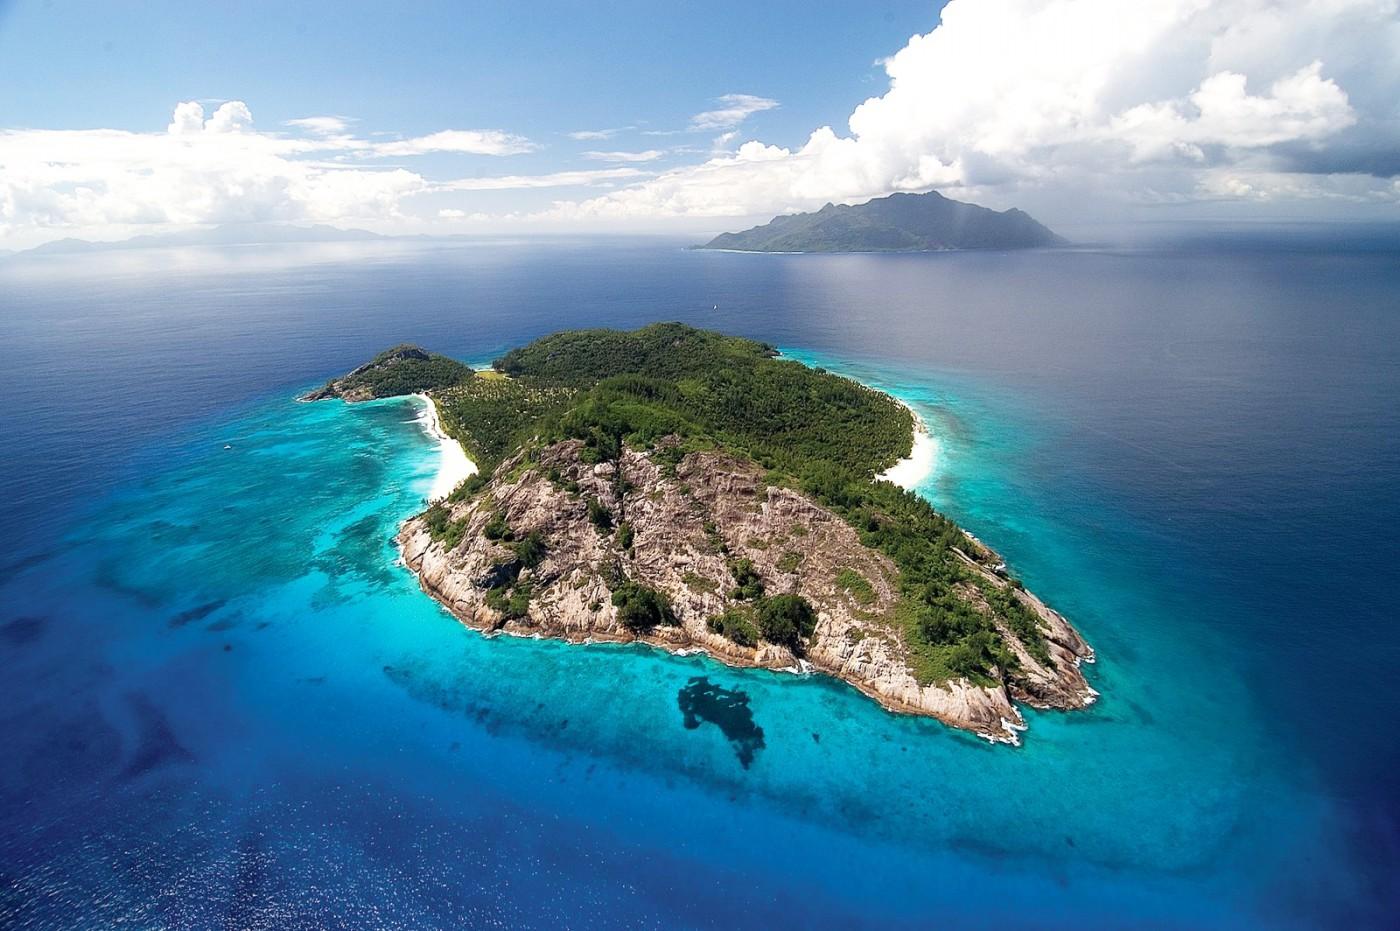 north island seychellen reisetipps infos zu den inneren inseln seychellen reisef hrer. Black Bedroom Furniture Sets. Home Design Ideas